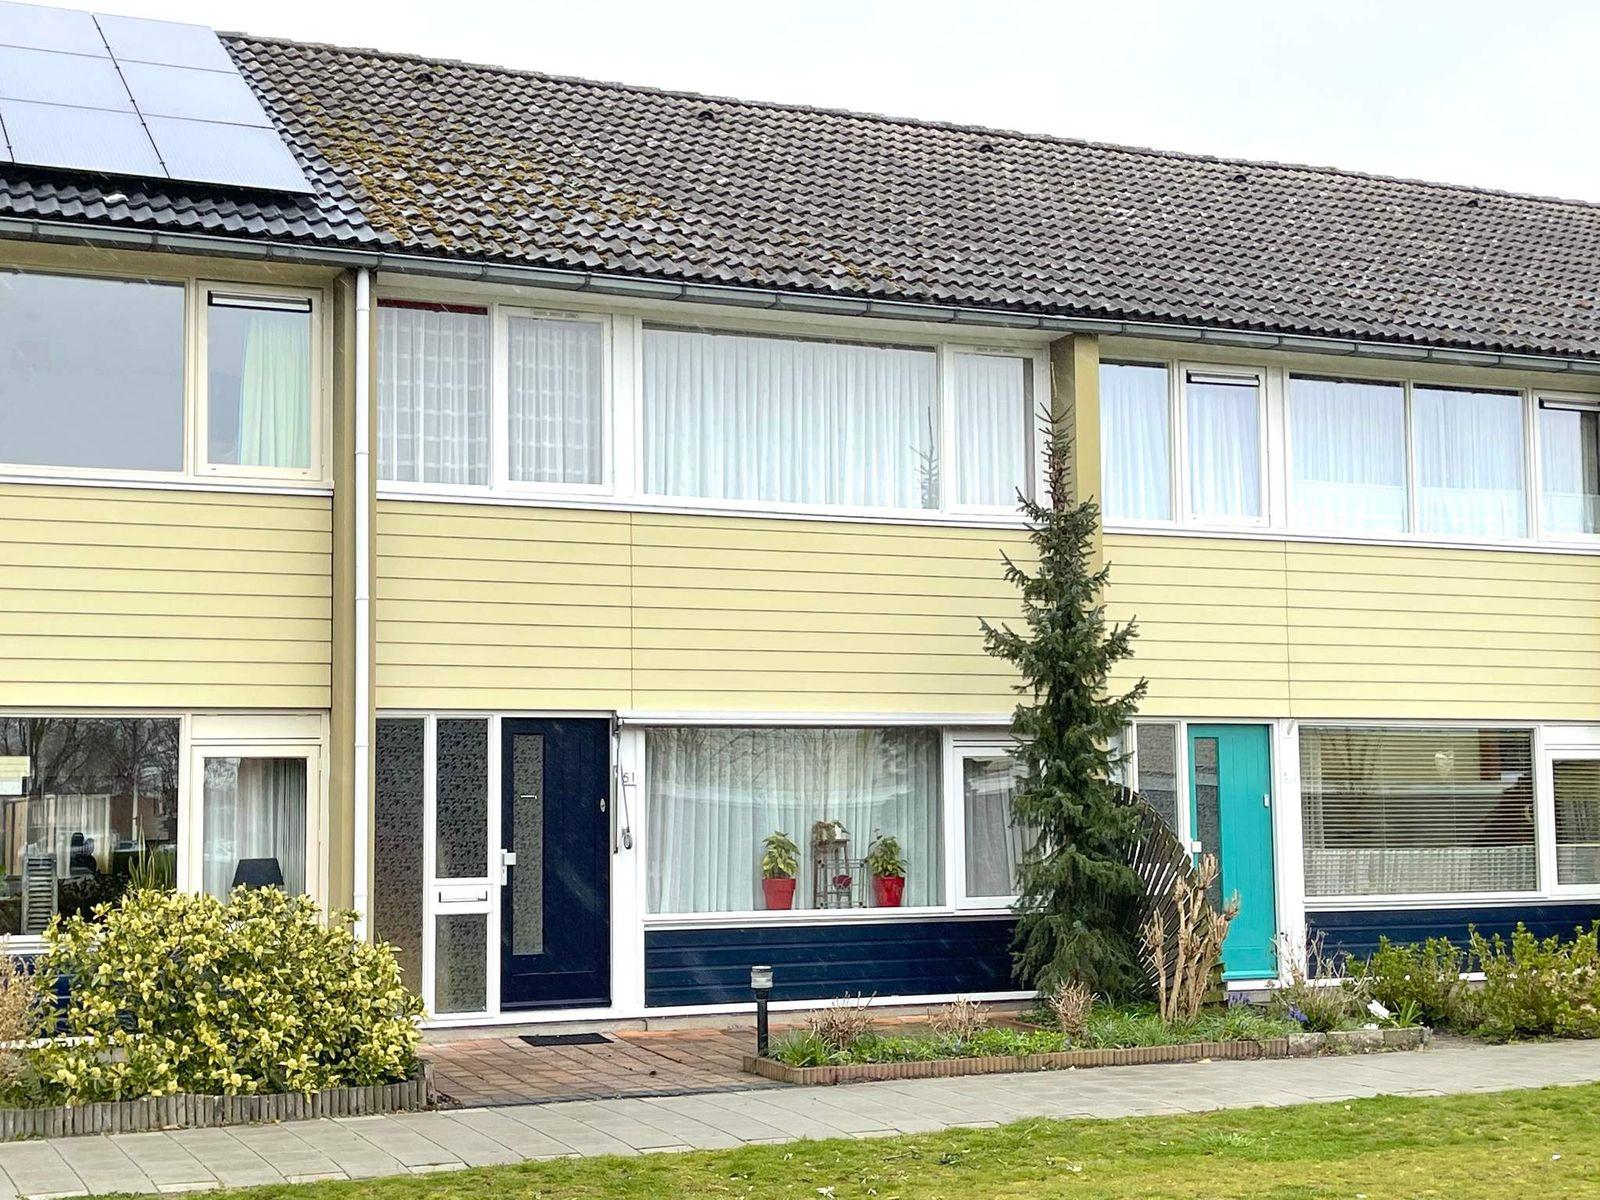 Jagerslaan 51, Nieuw-amsterdam